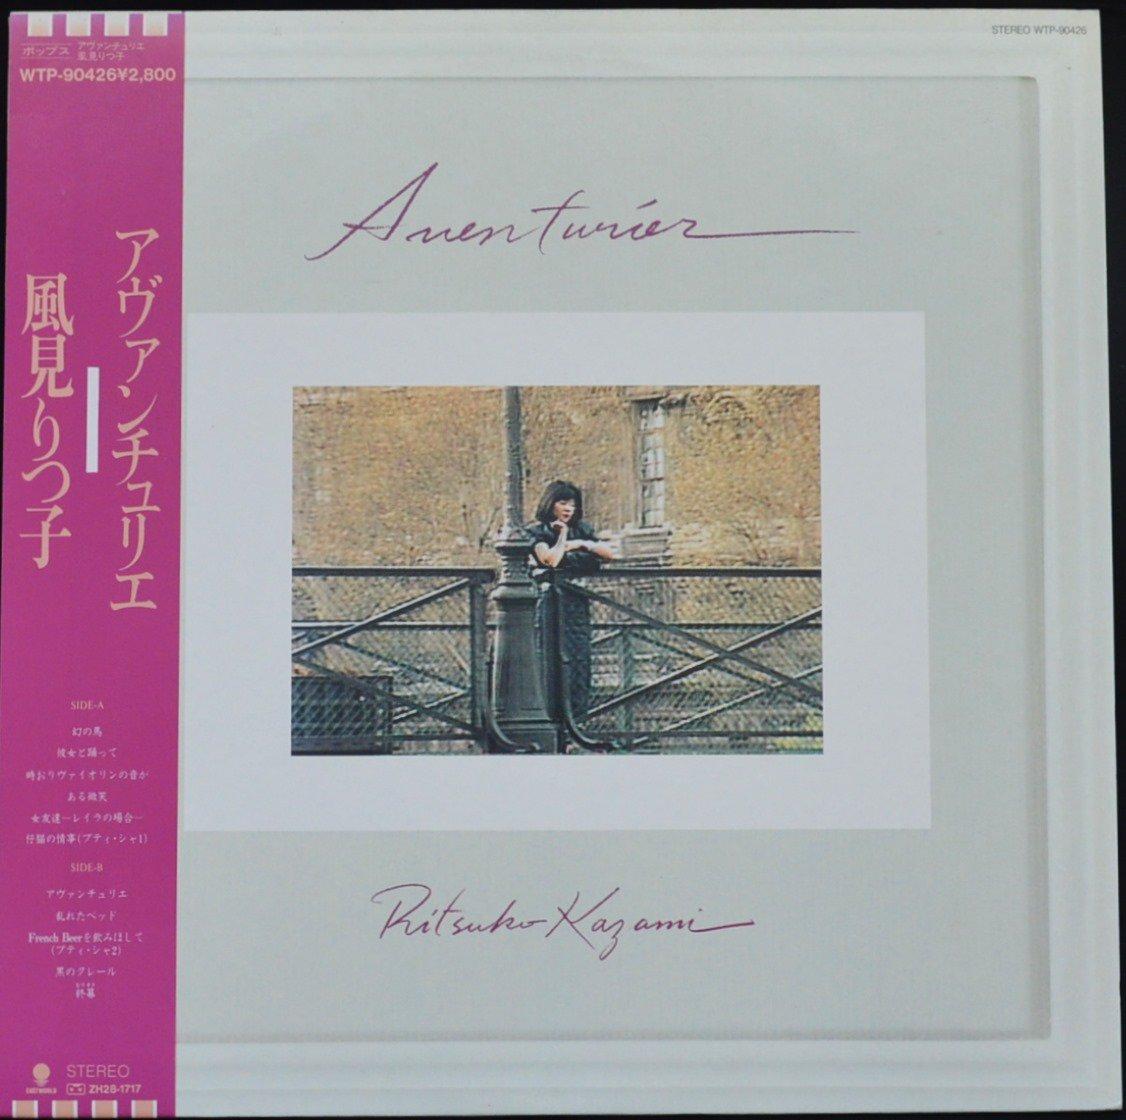 風見りつ子 RITSUKO KAZAMI / アヴァンチュリエ AVENTURIER (LP)